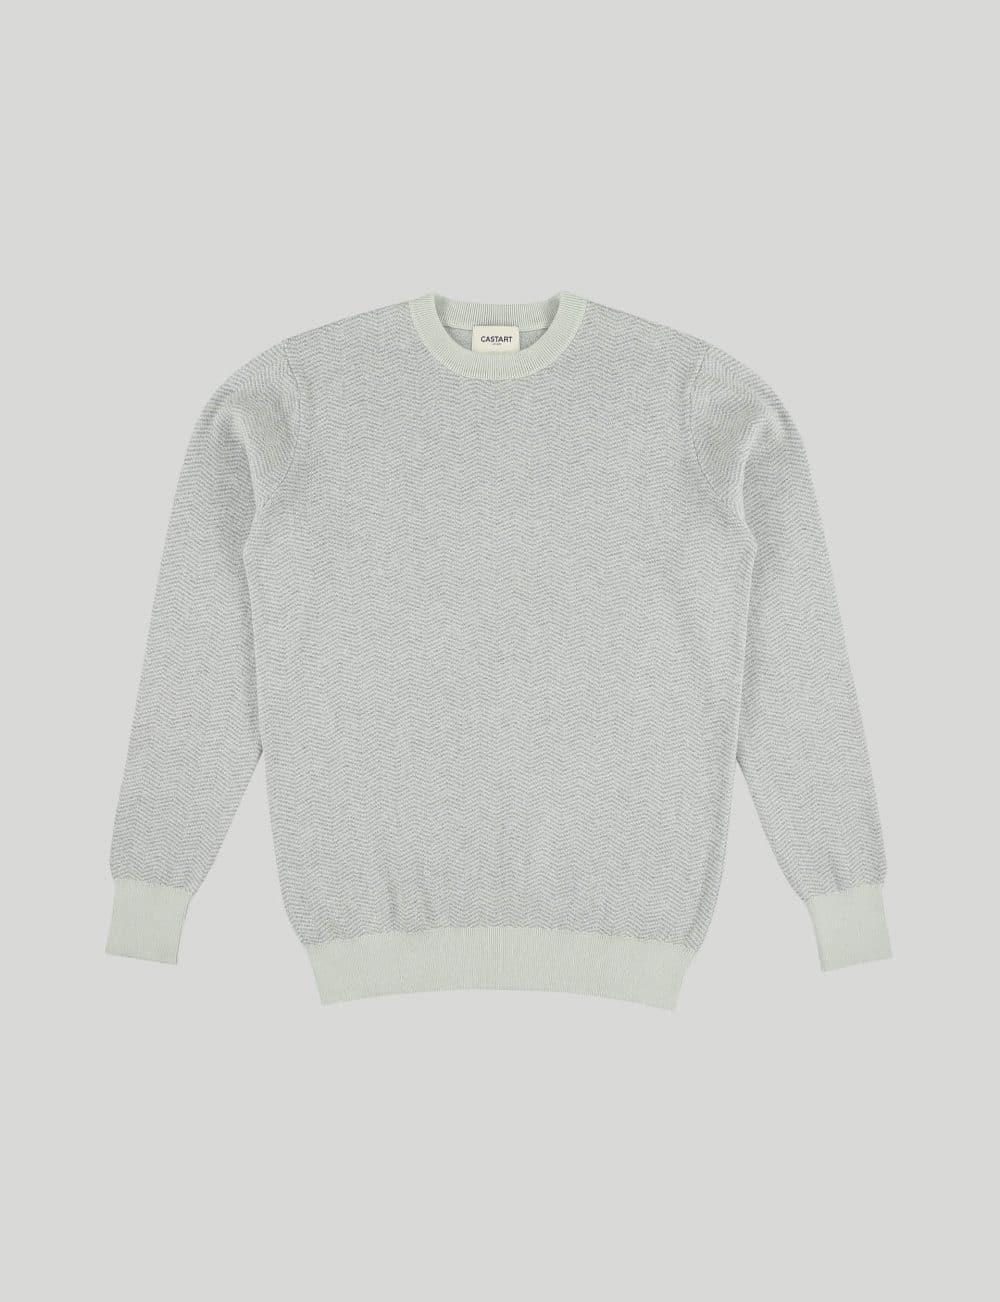 Castart - Panda knitwear - Mint